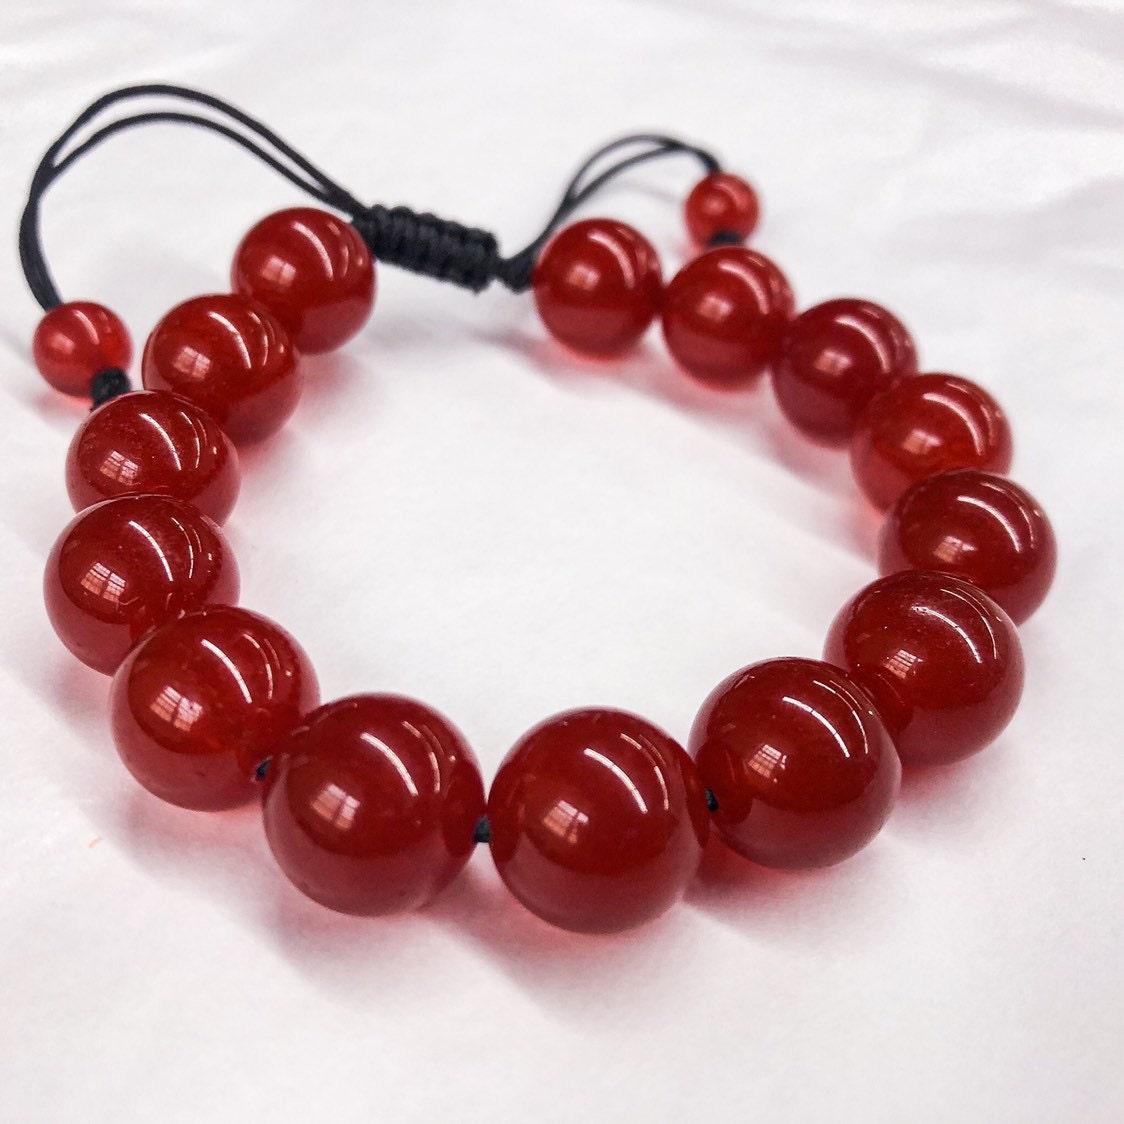 Red Jade bracelet/ shamballa bracelet/ jewelry for gift